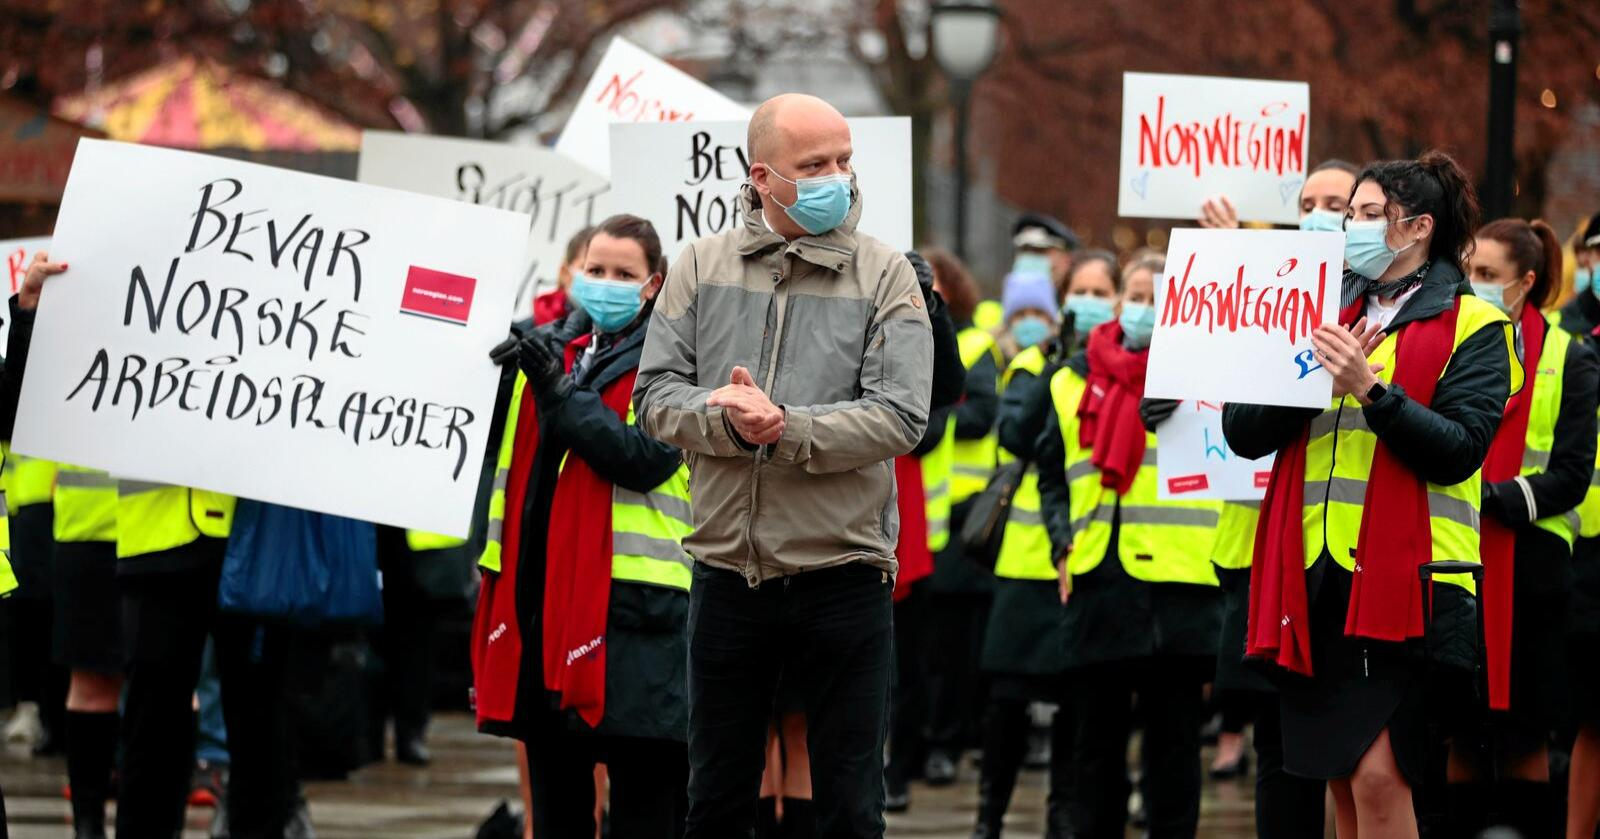 Gule vester: Her støtter Trygve Slagsvold Vedum de demonstrerende Norwegian-ansatte foran Stortinget. Sp-lederen ser ut til å ha et EØS-dilemma i fanget. Foto: Jil Yngland / NTB